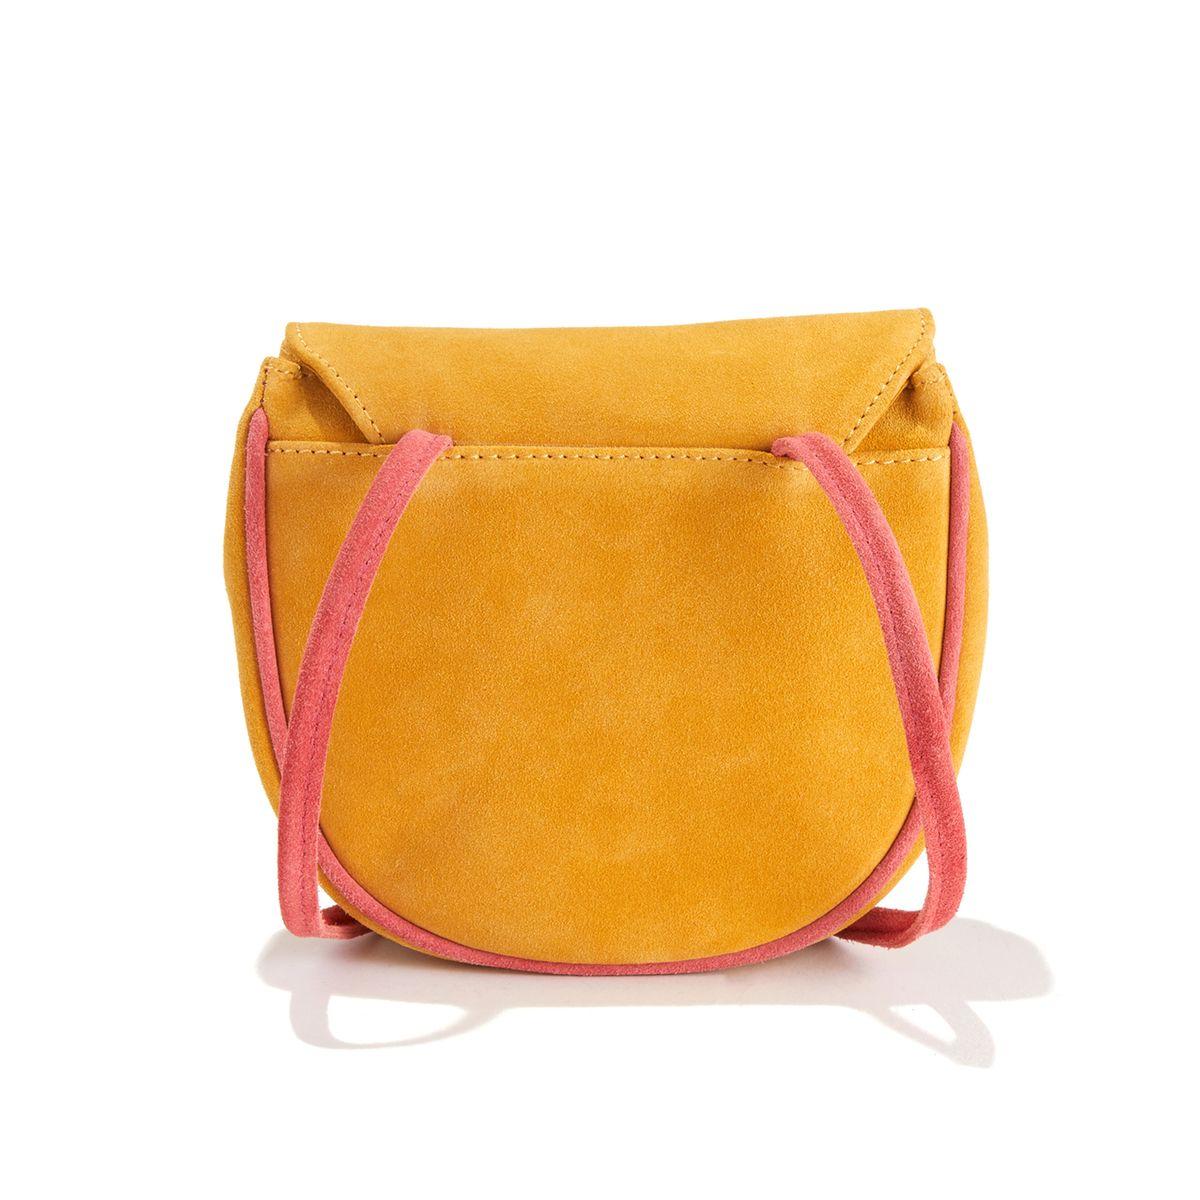 Petit Sac En Cuir Taille Taille Unique In 2019 Products Petit Sac En Cuir Sac Cuir Sac